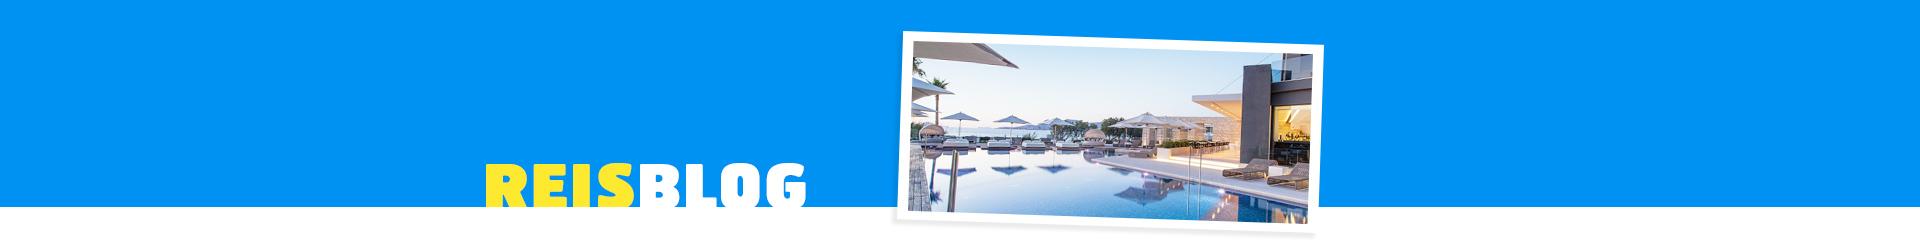 Zonsondergang in het hotel Aqua Blu Boutique en Spa, met ligbedden en witte parasols